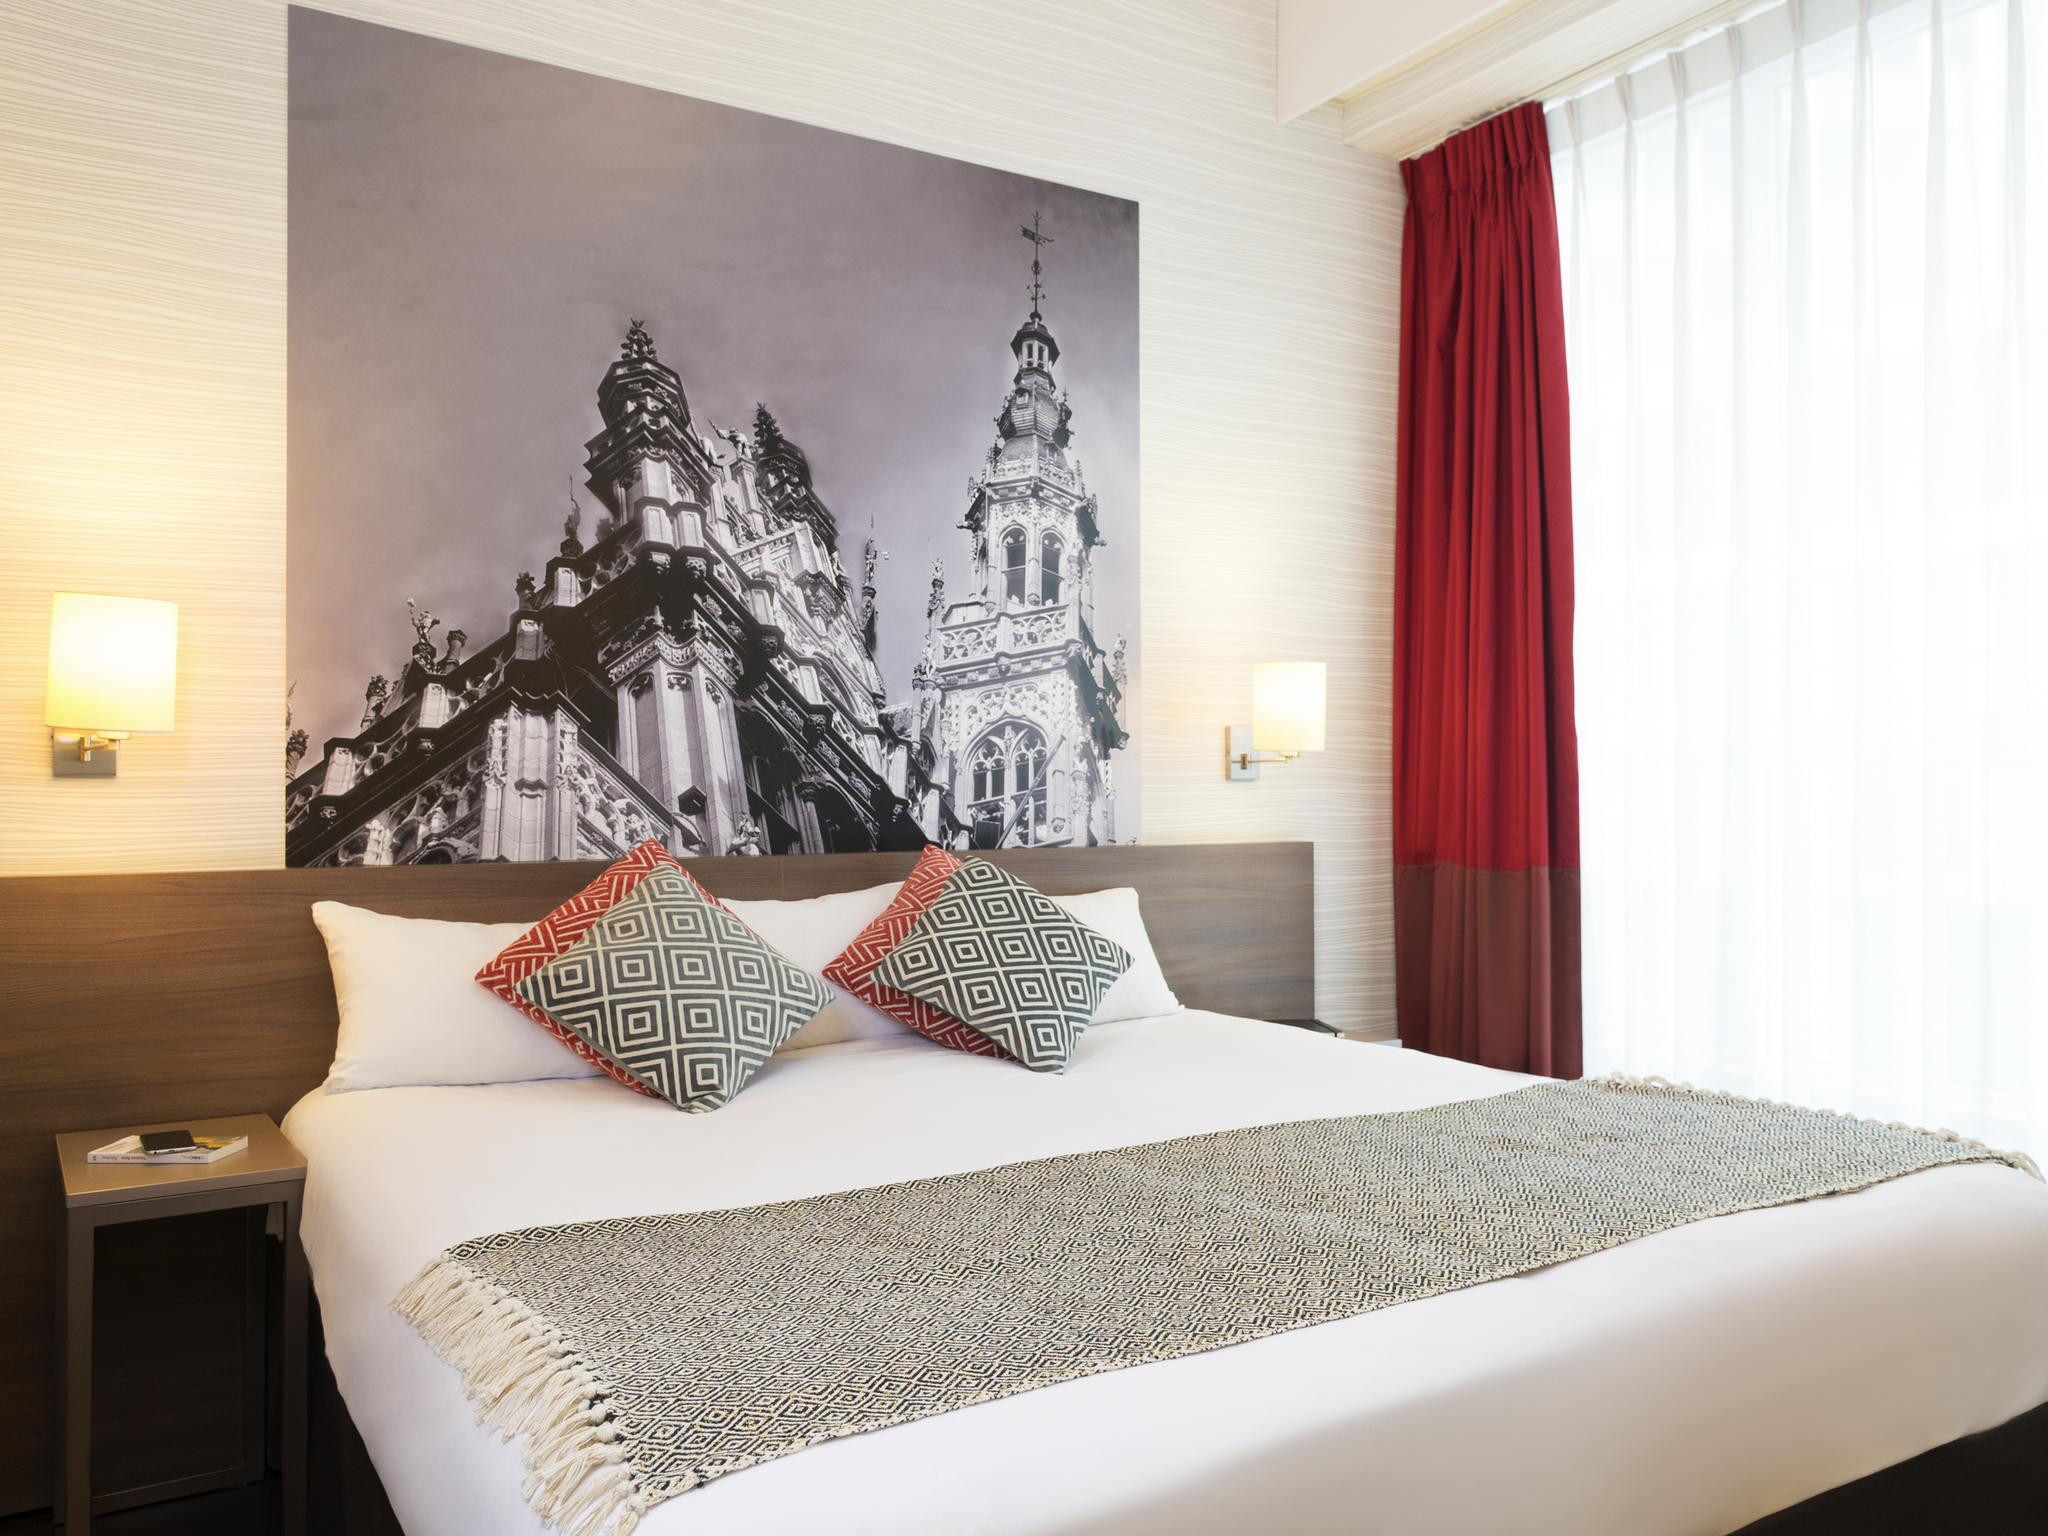 โรงแรม – อพาร์ทโฮเทล อดาจิโอ บรัสเซลส์ แกรนด์เพลซ